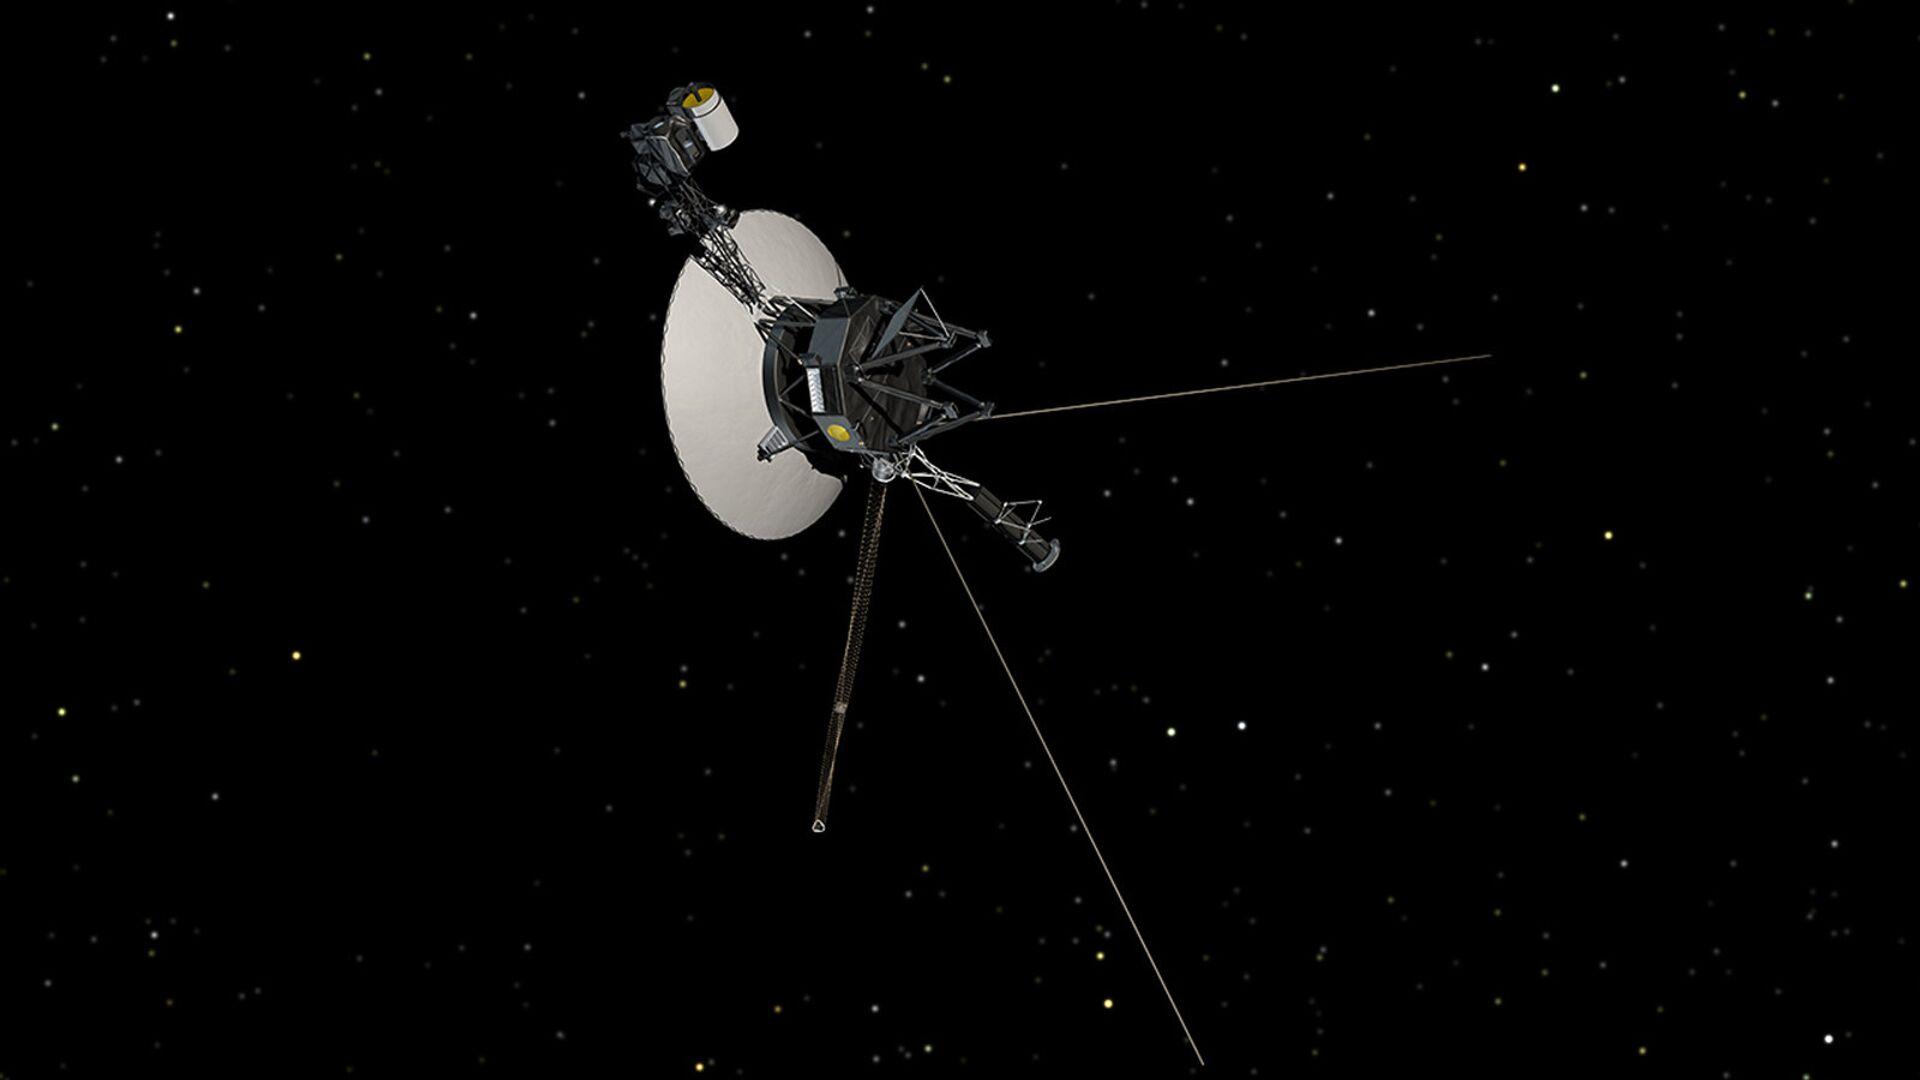 Космический зонд НАСА Вояджер-1 - РИА Новости, 1920, 11.05.2021